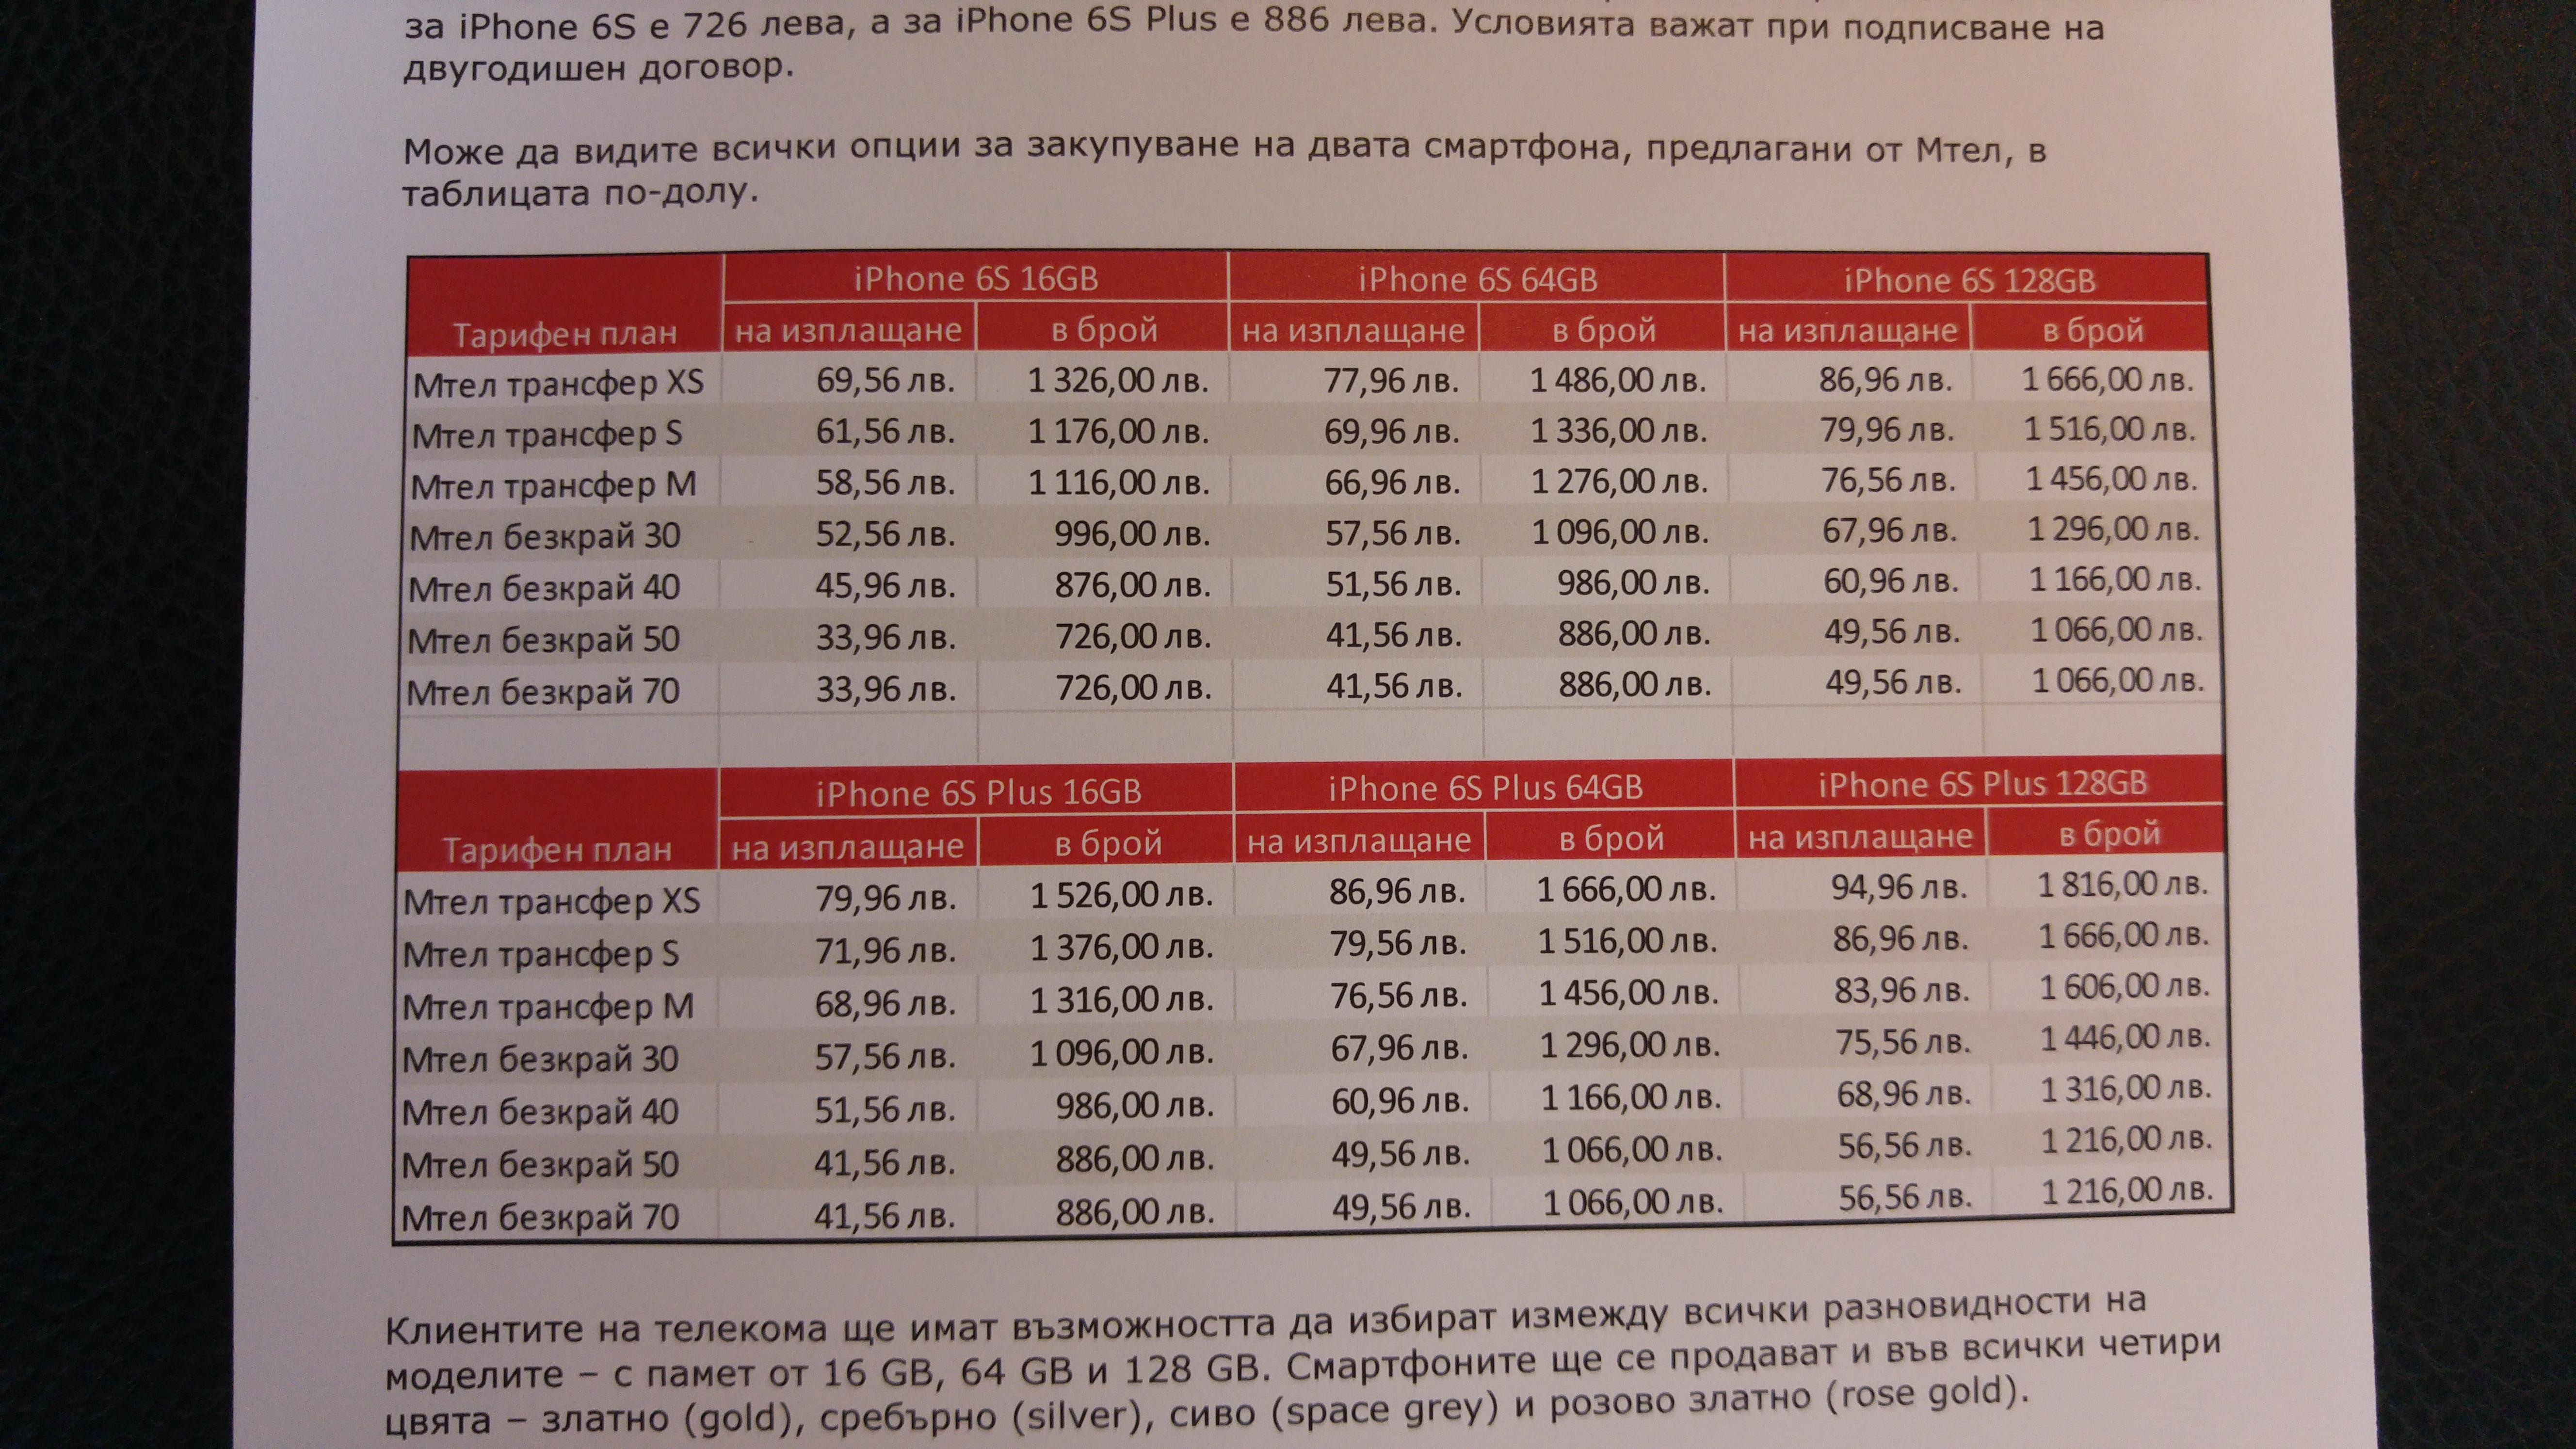 mtel-apple-iphone-6s-plus-prices